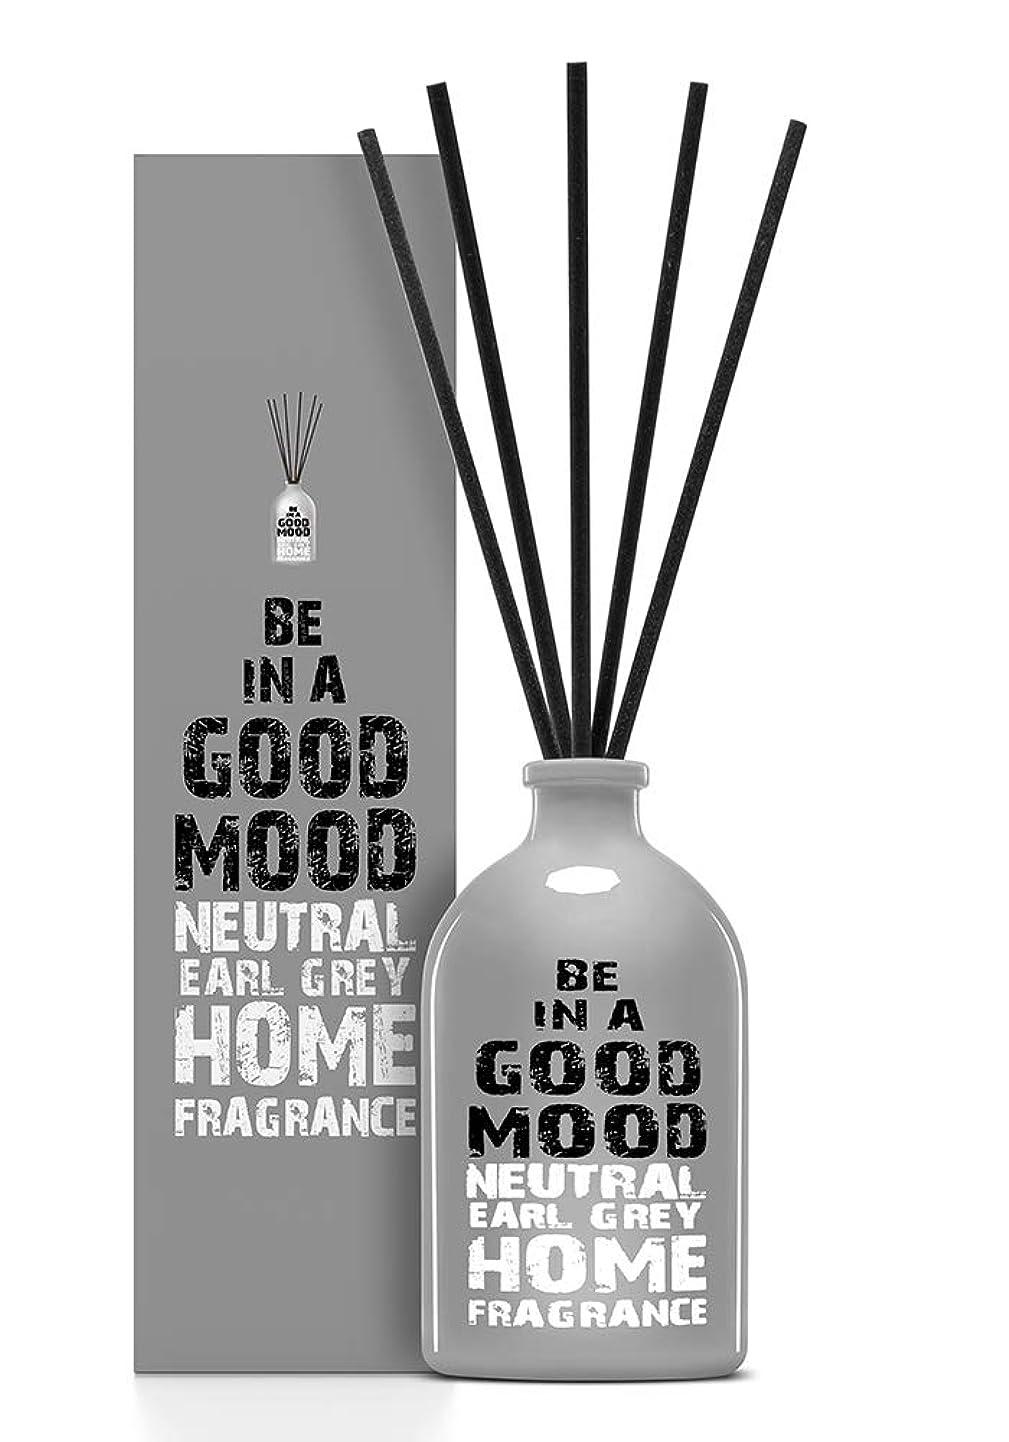 エレクトロニックバーストメーカーBE IN A GOOD MOOD ルームフレグランス スティック タイプ EARL GREYの香り (100ml)